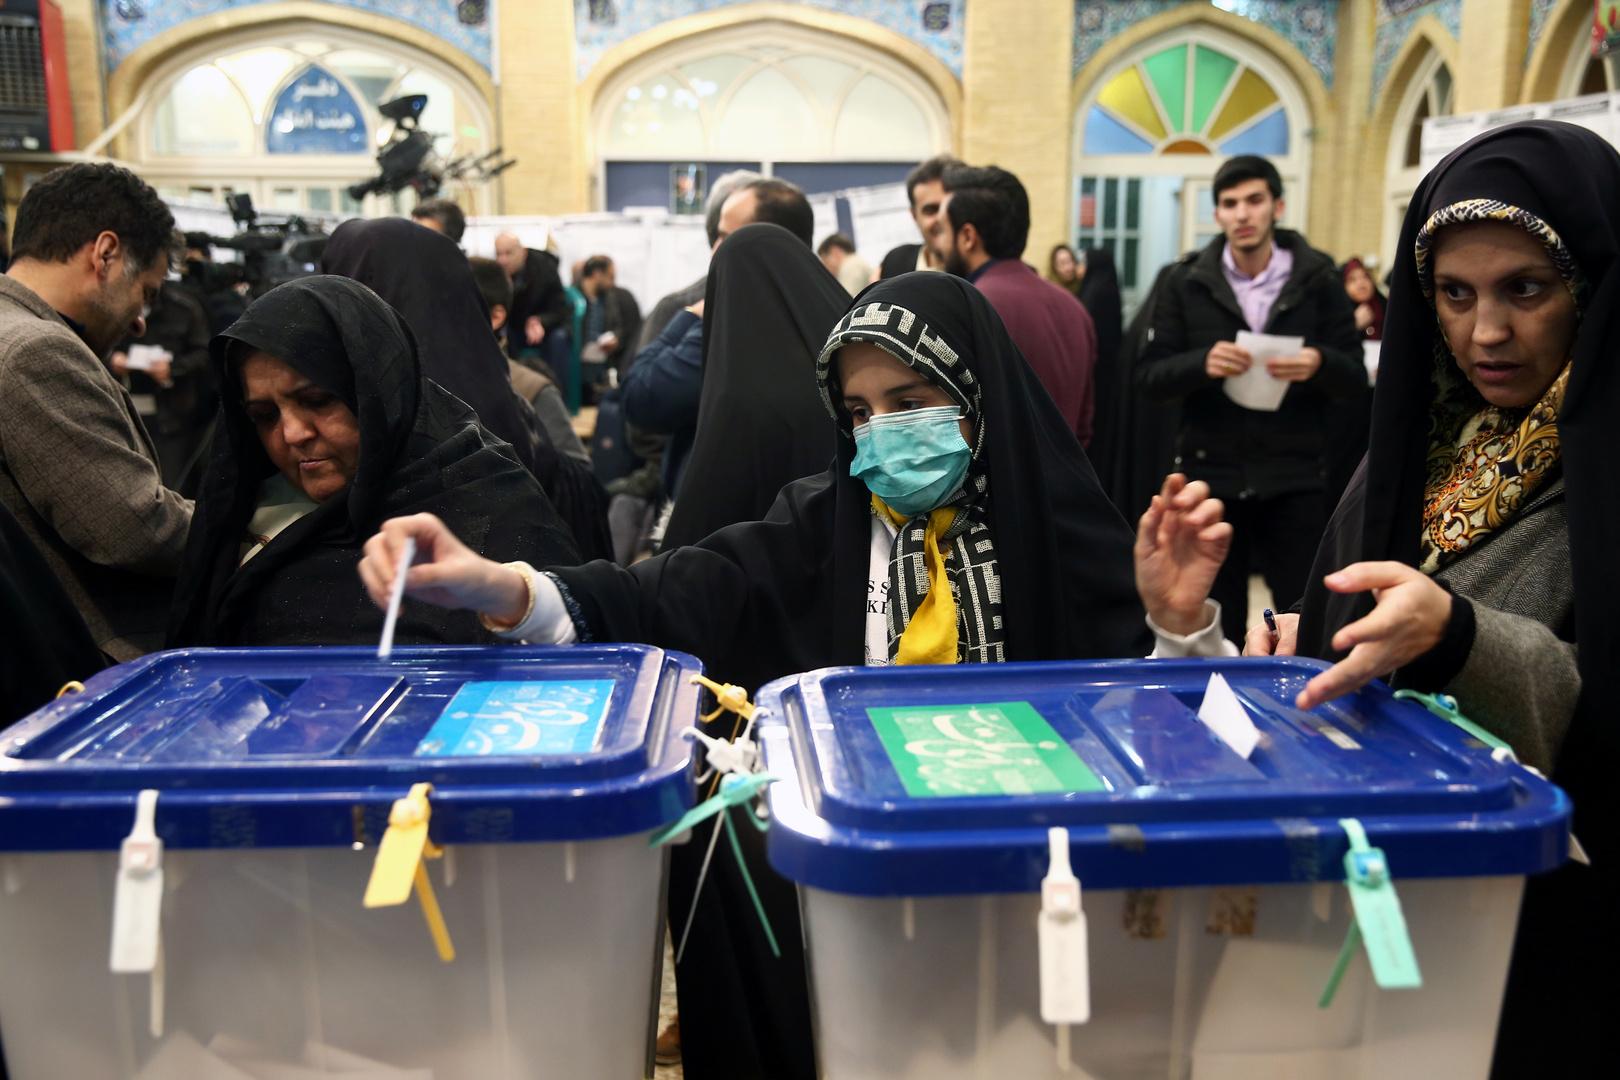 عملية التصويت في أحد مكاتب الاقتراع بالانتخابات البرلمانية الإيرانية